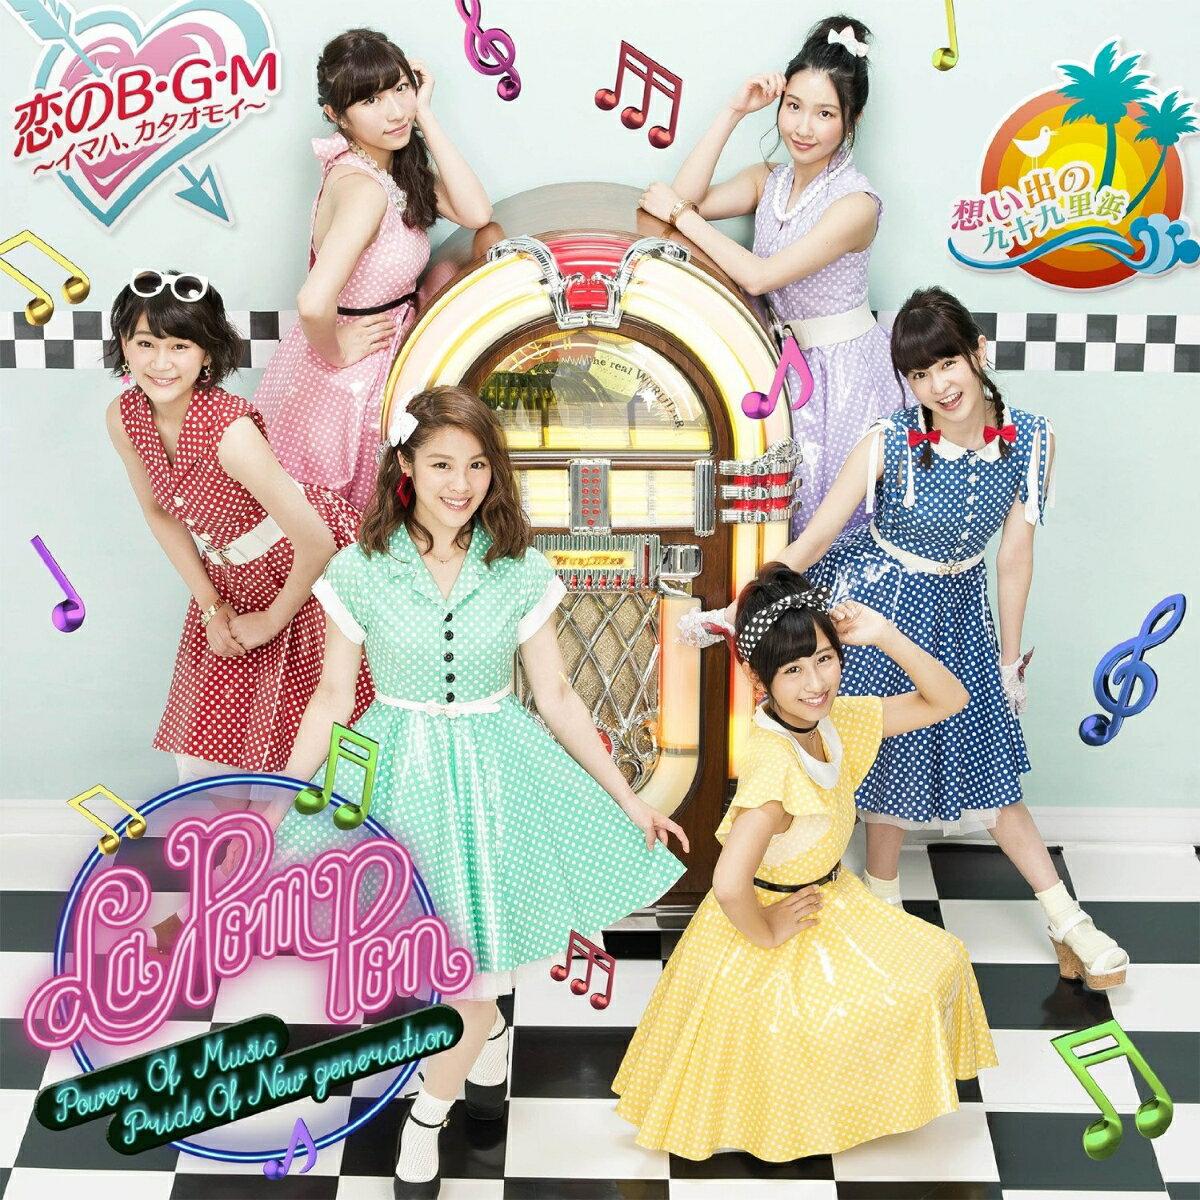 想い出の九十九里浜/恋のB・G・M〜イマハ、カタオモイ〜 (初回限定盤B CD+DVD) [ La PomPon ]